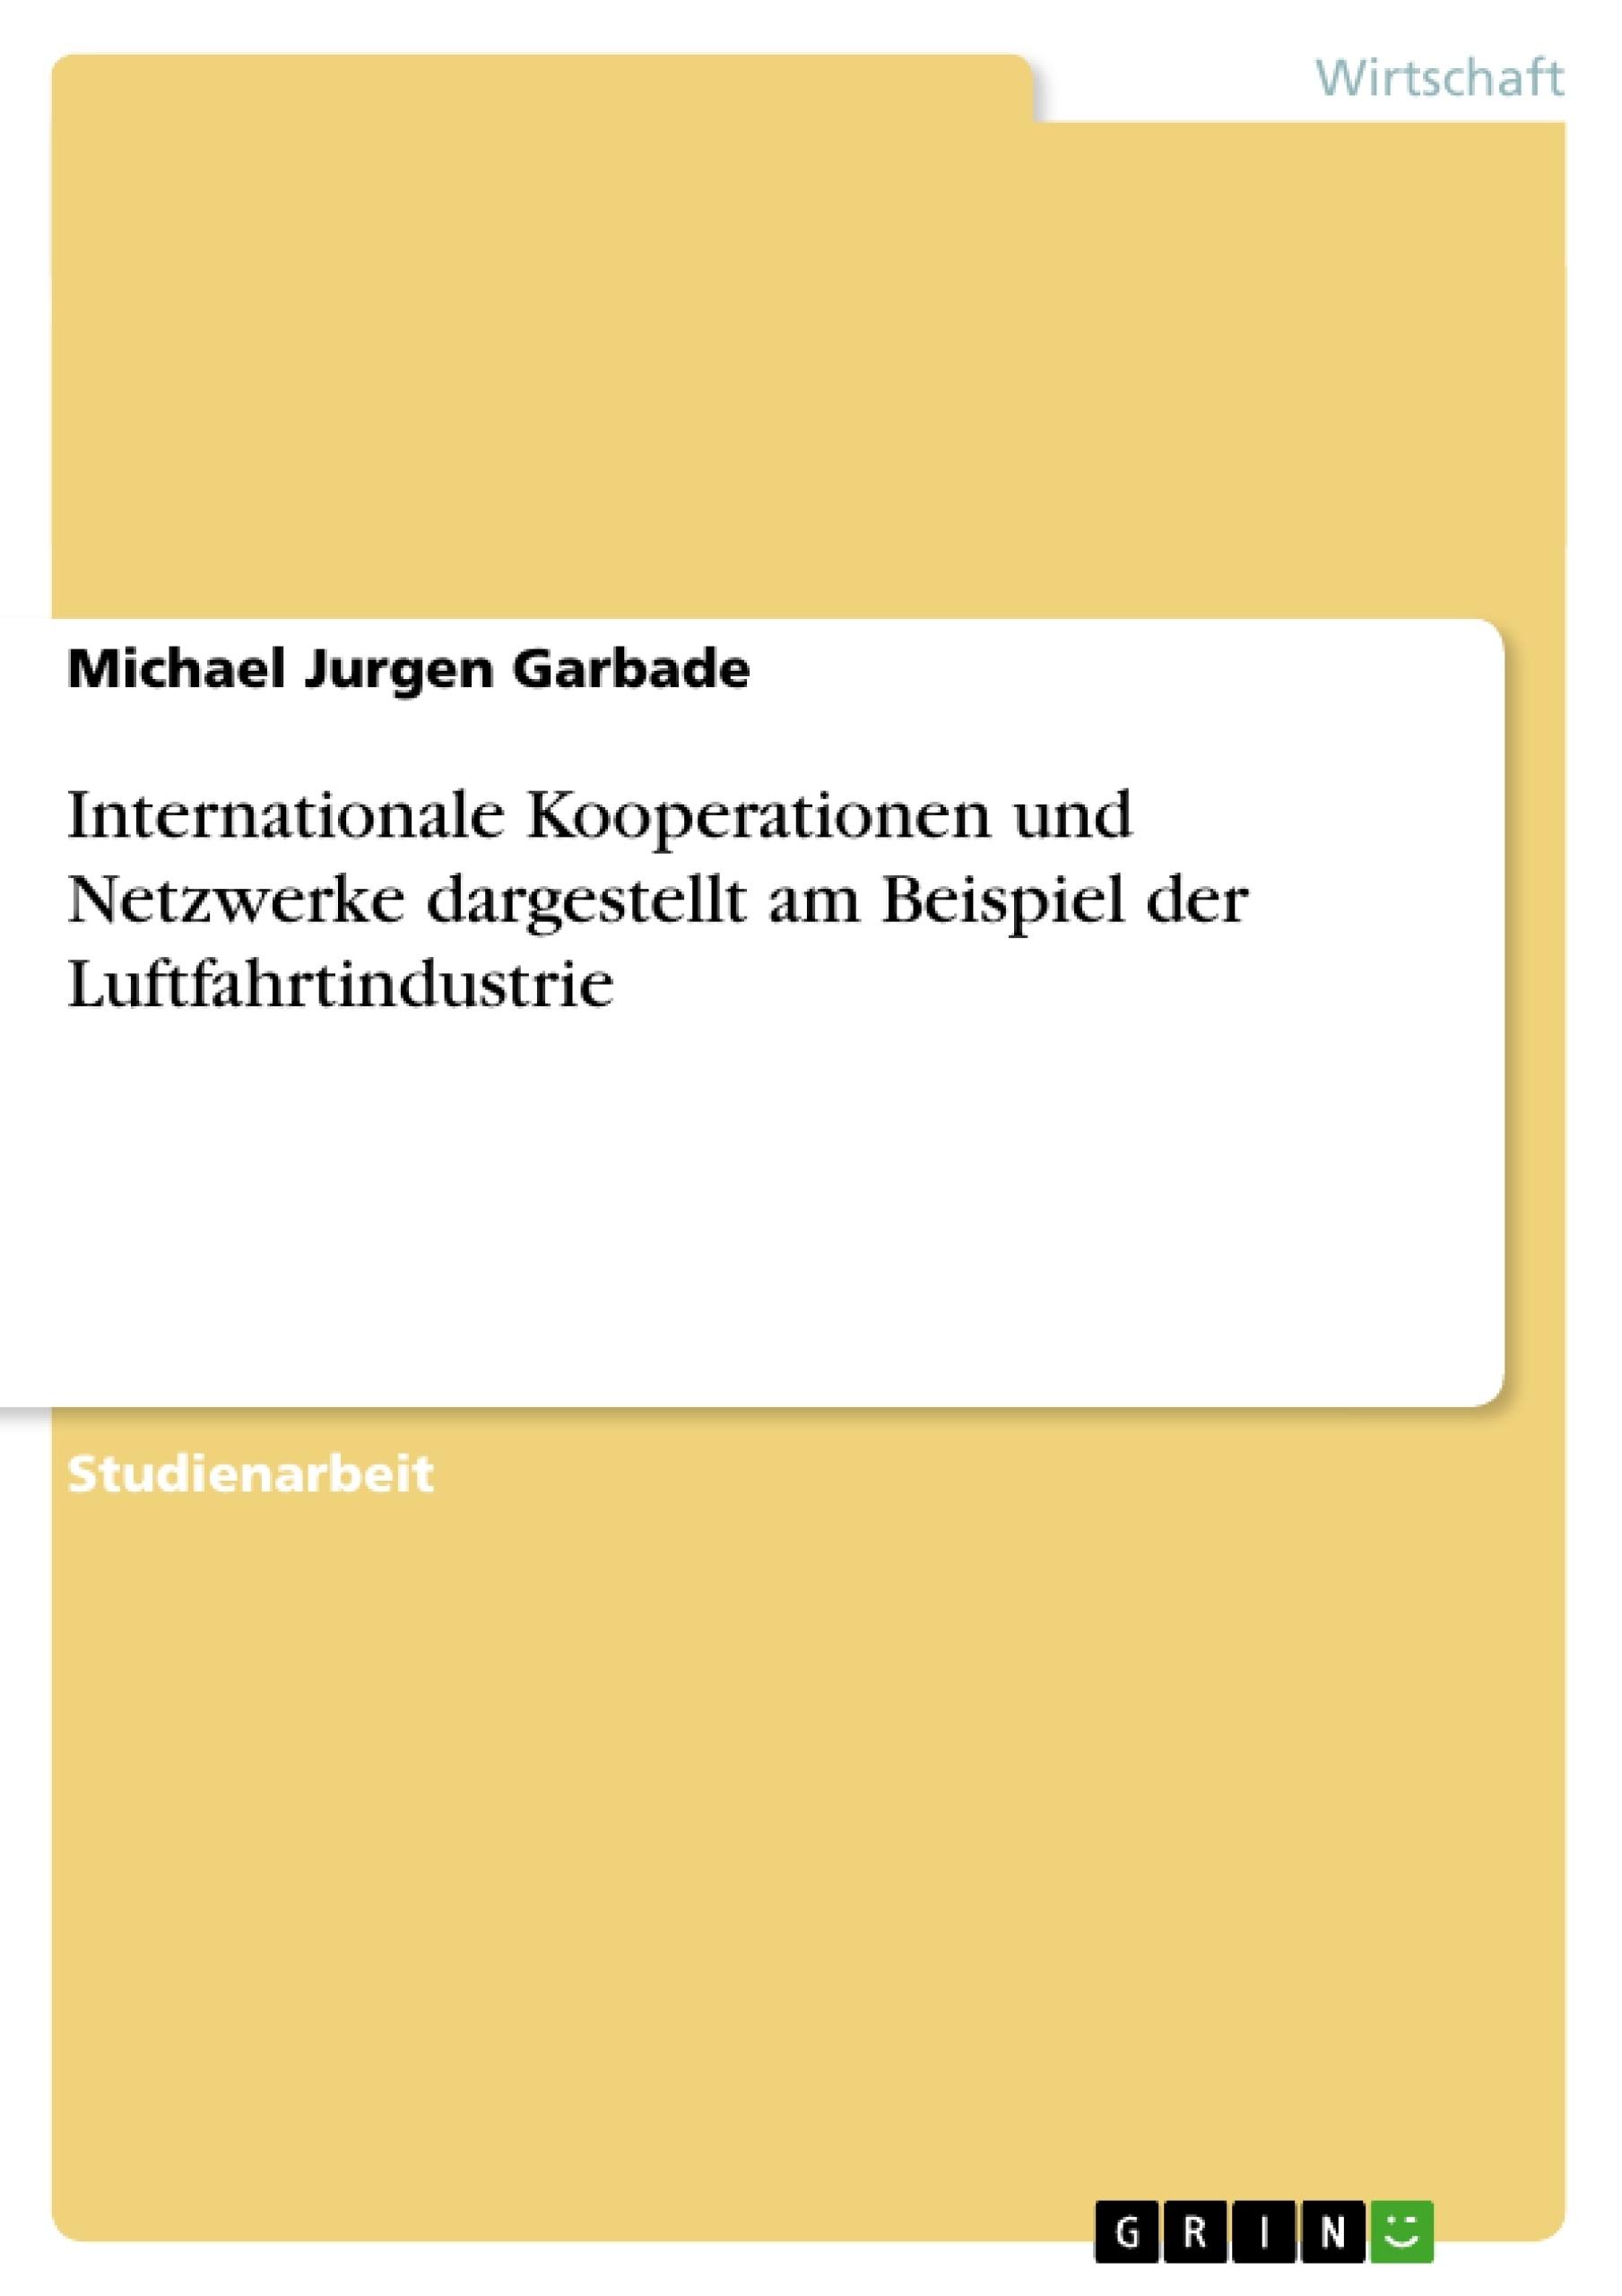 Titel: Internationale Kooperationen und Netzwerke dargestellt am Beispiel der Luftfahrtindustrie